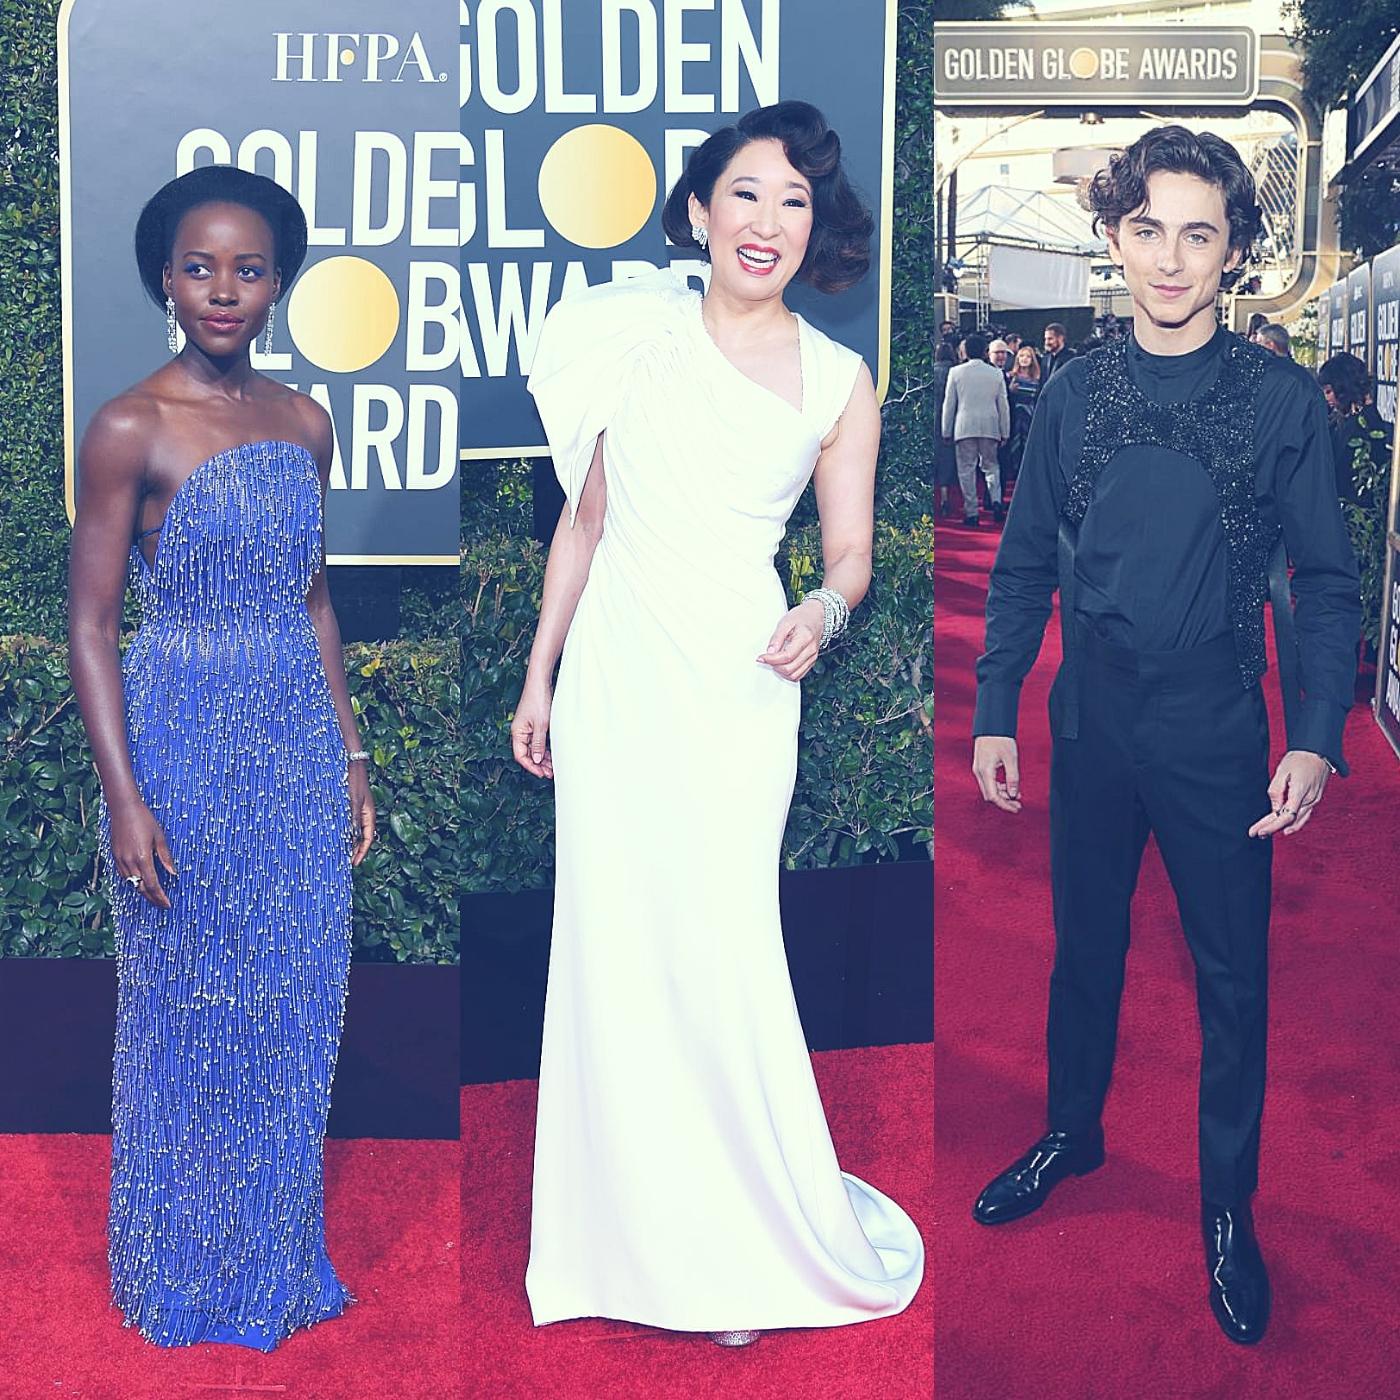 Golden Globes Red Carpet.jpg